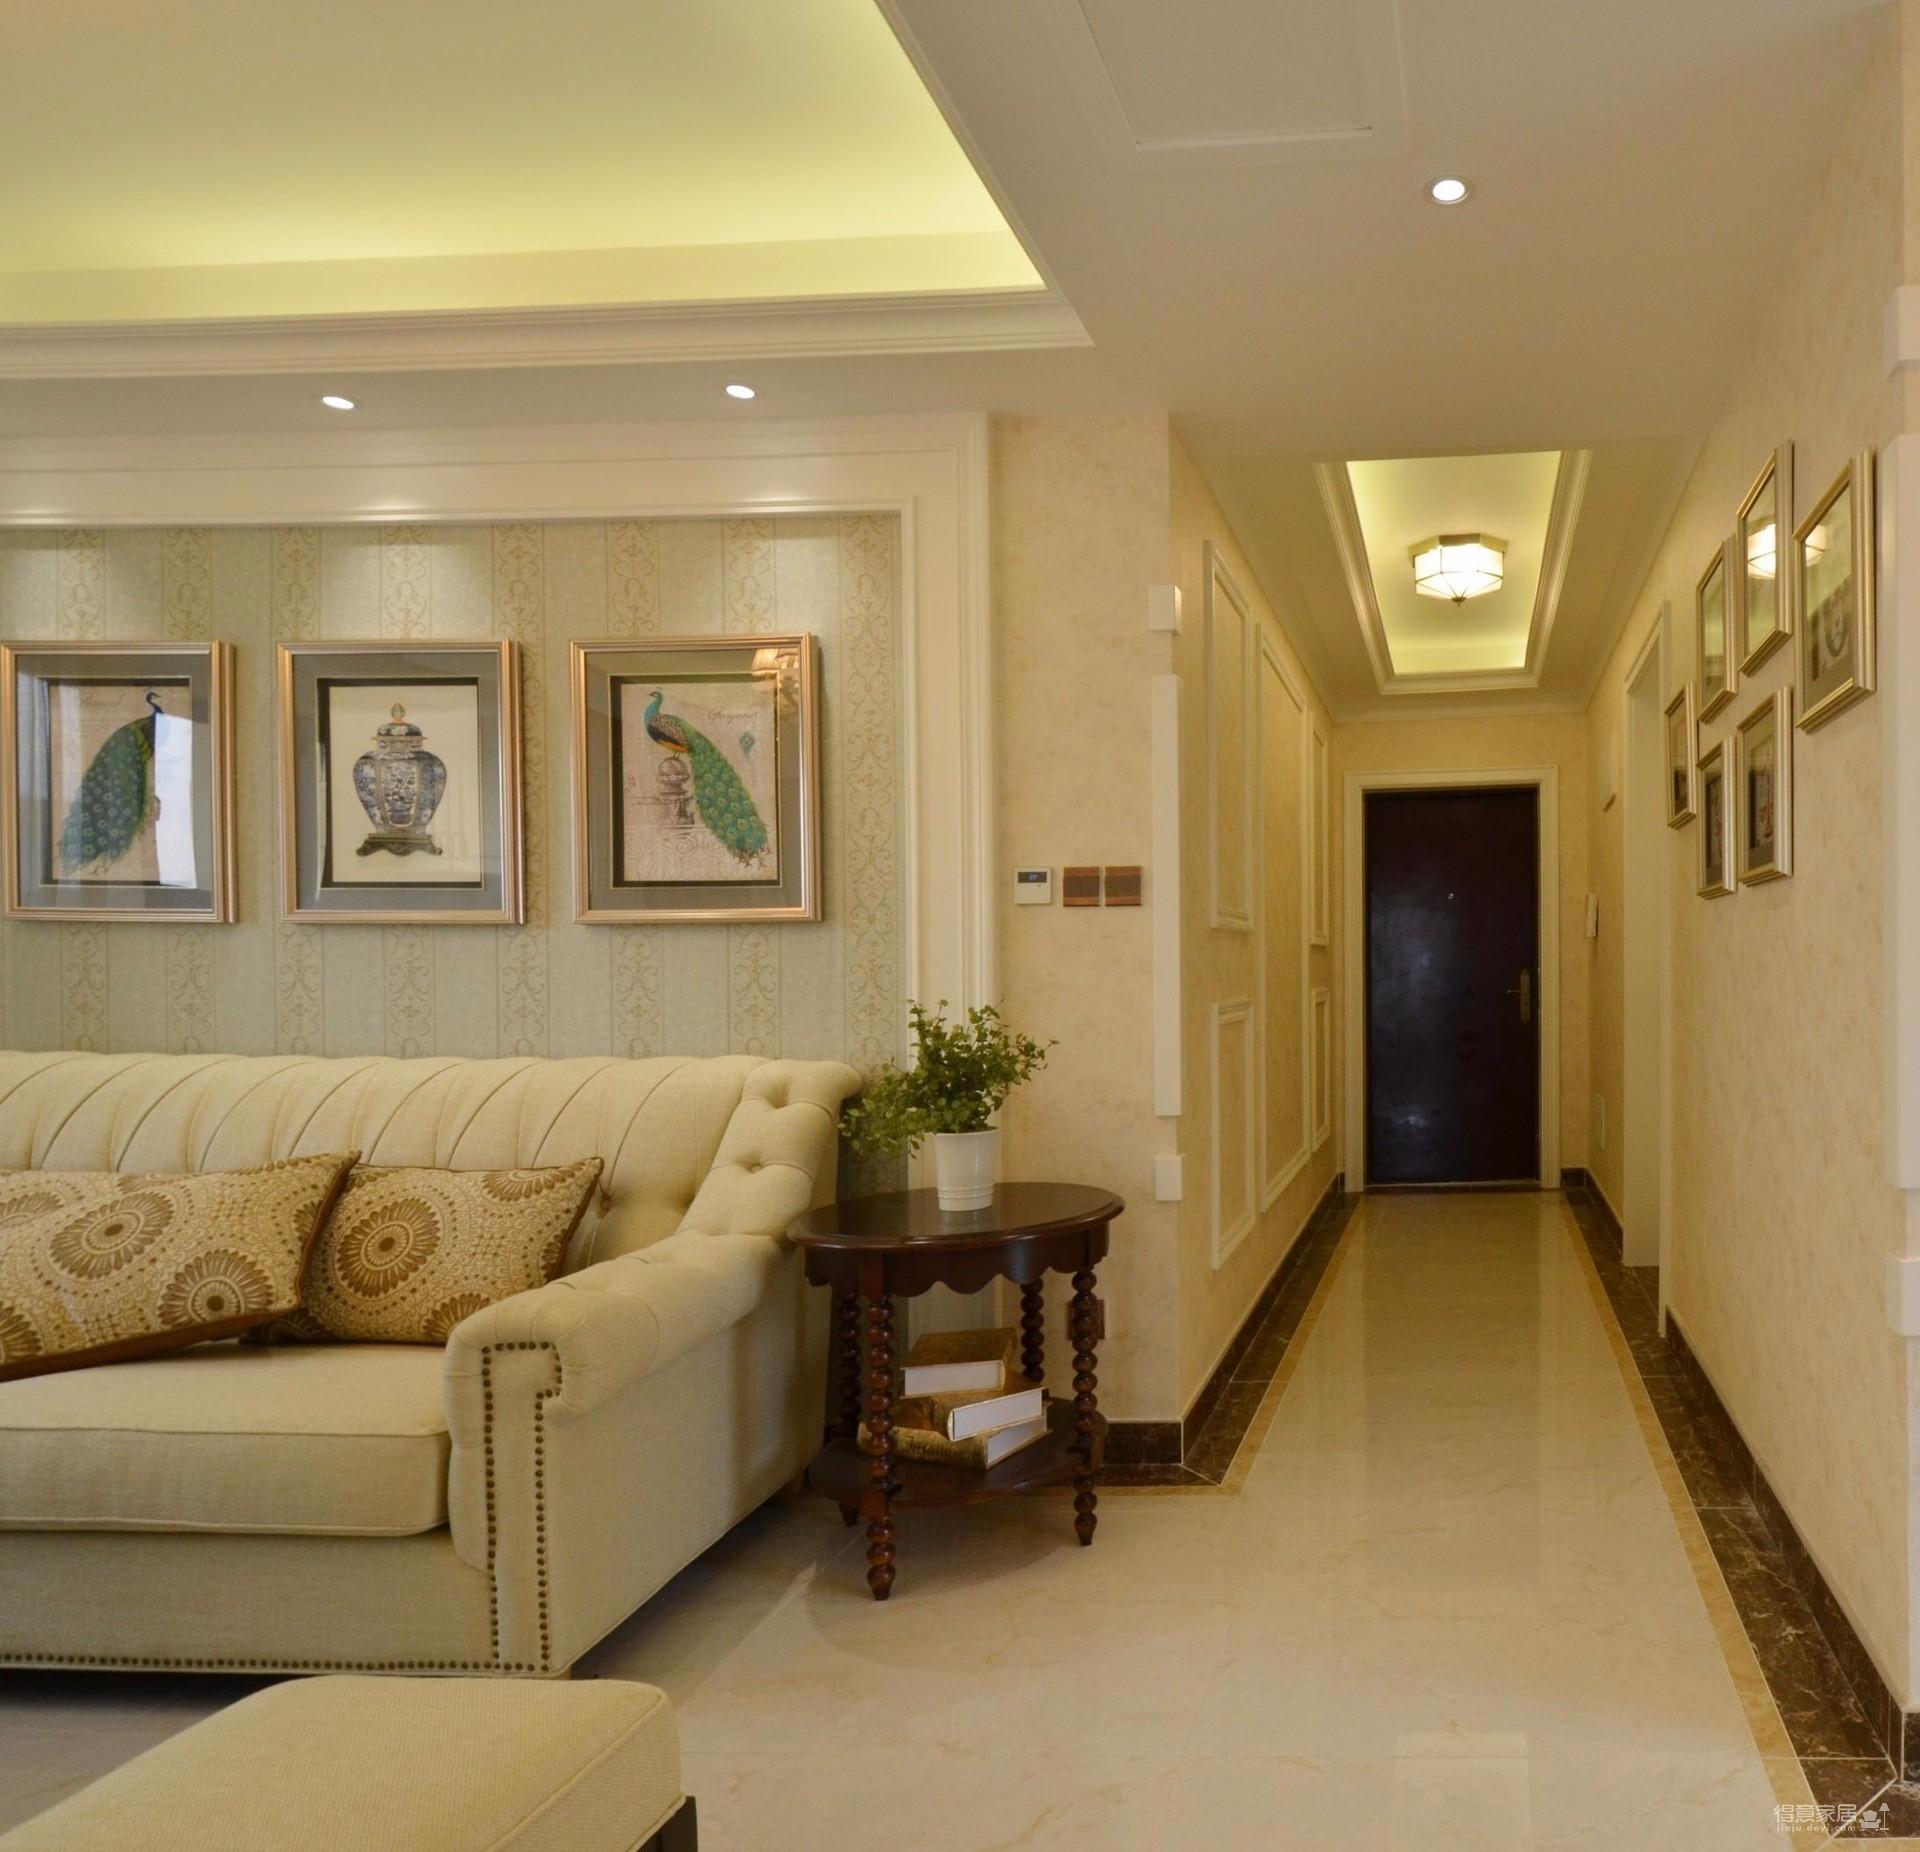 110平暖色三居室装修效果图_得意家居装修图库_得意